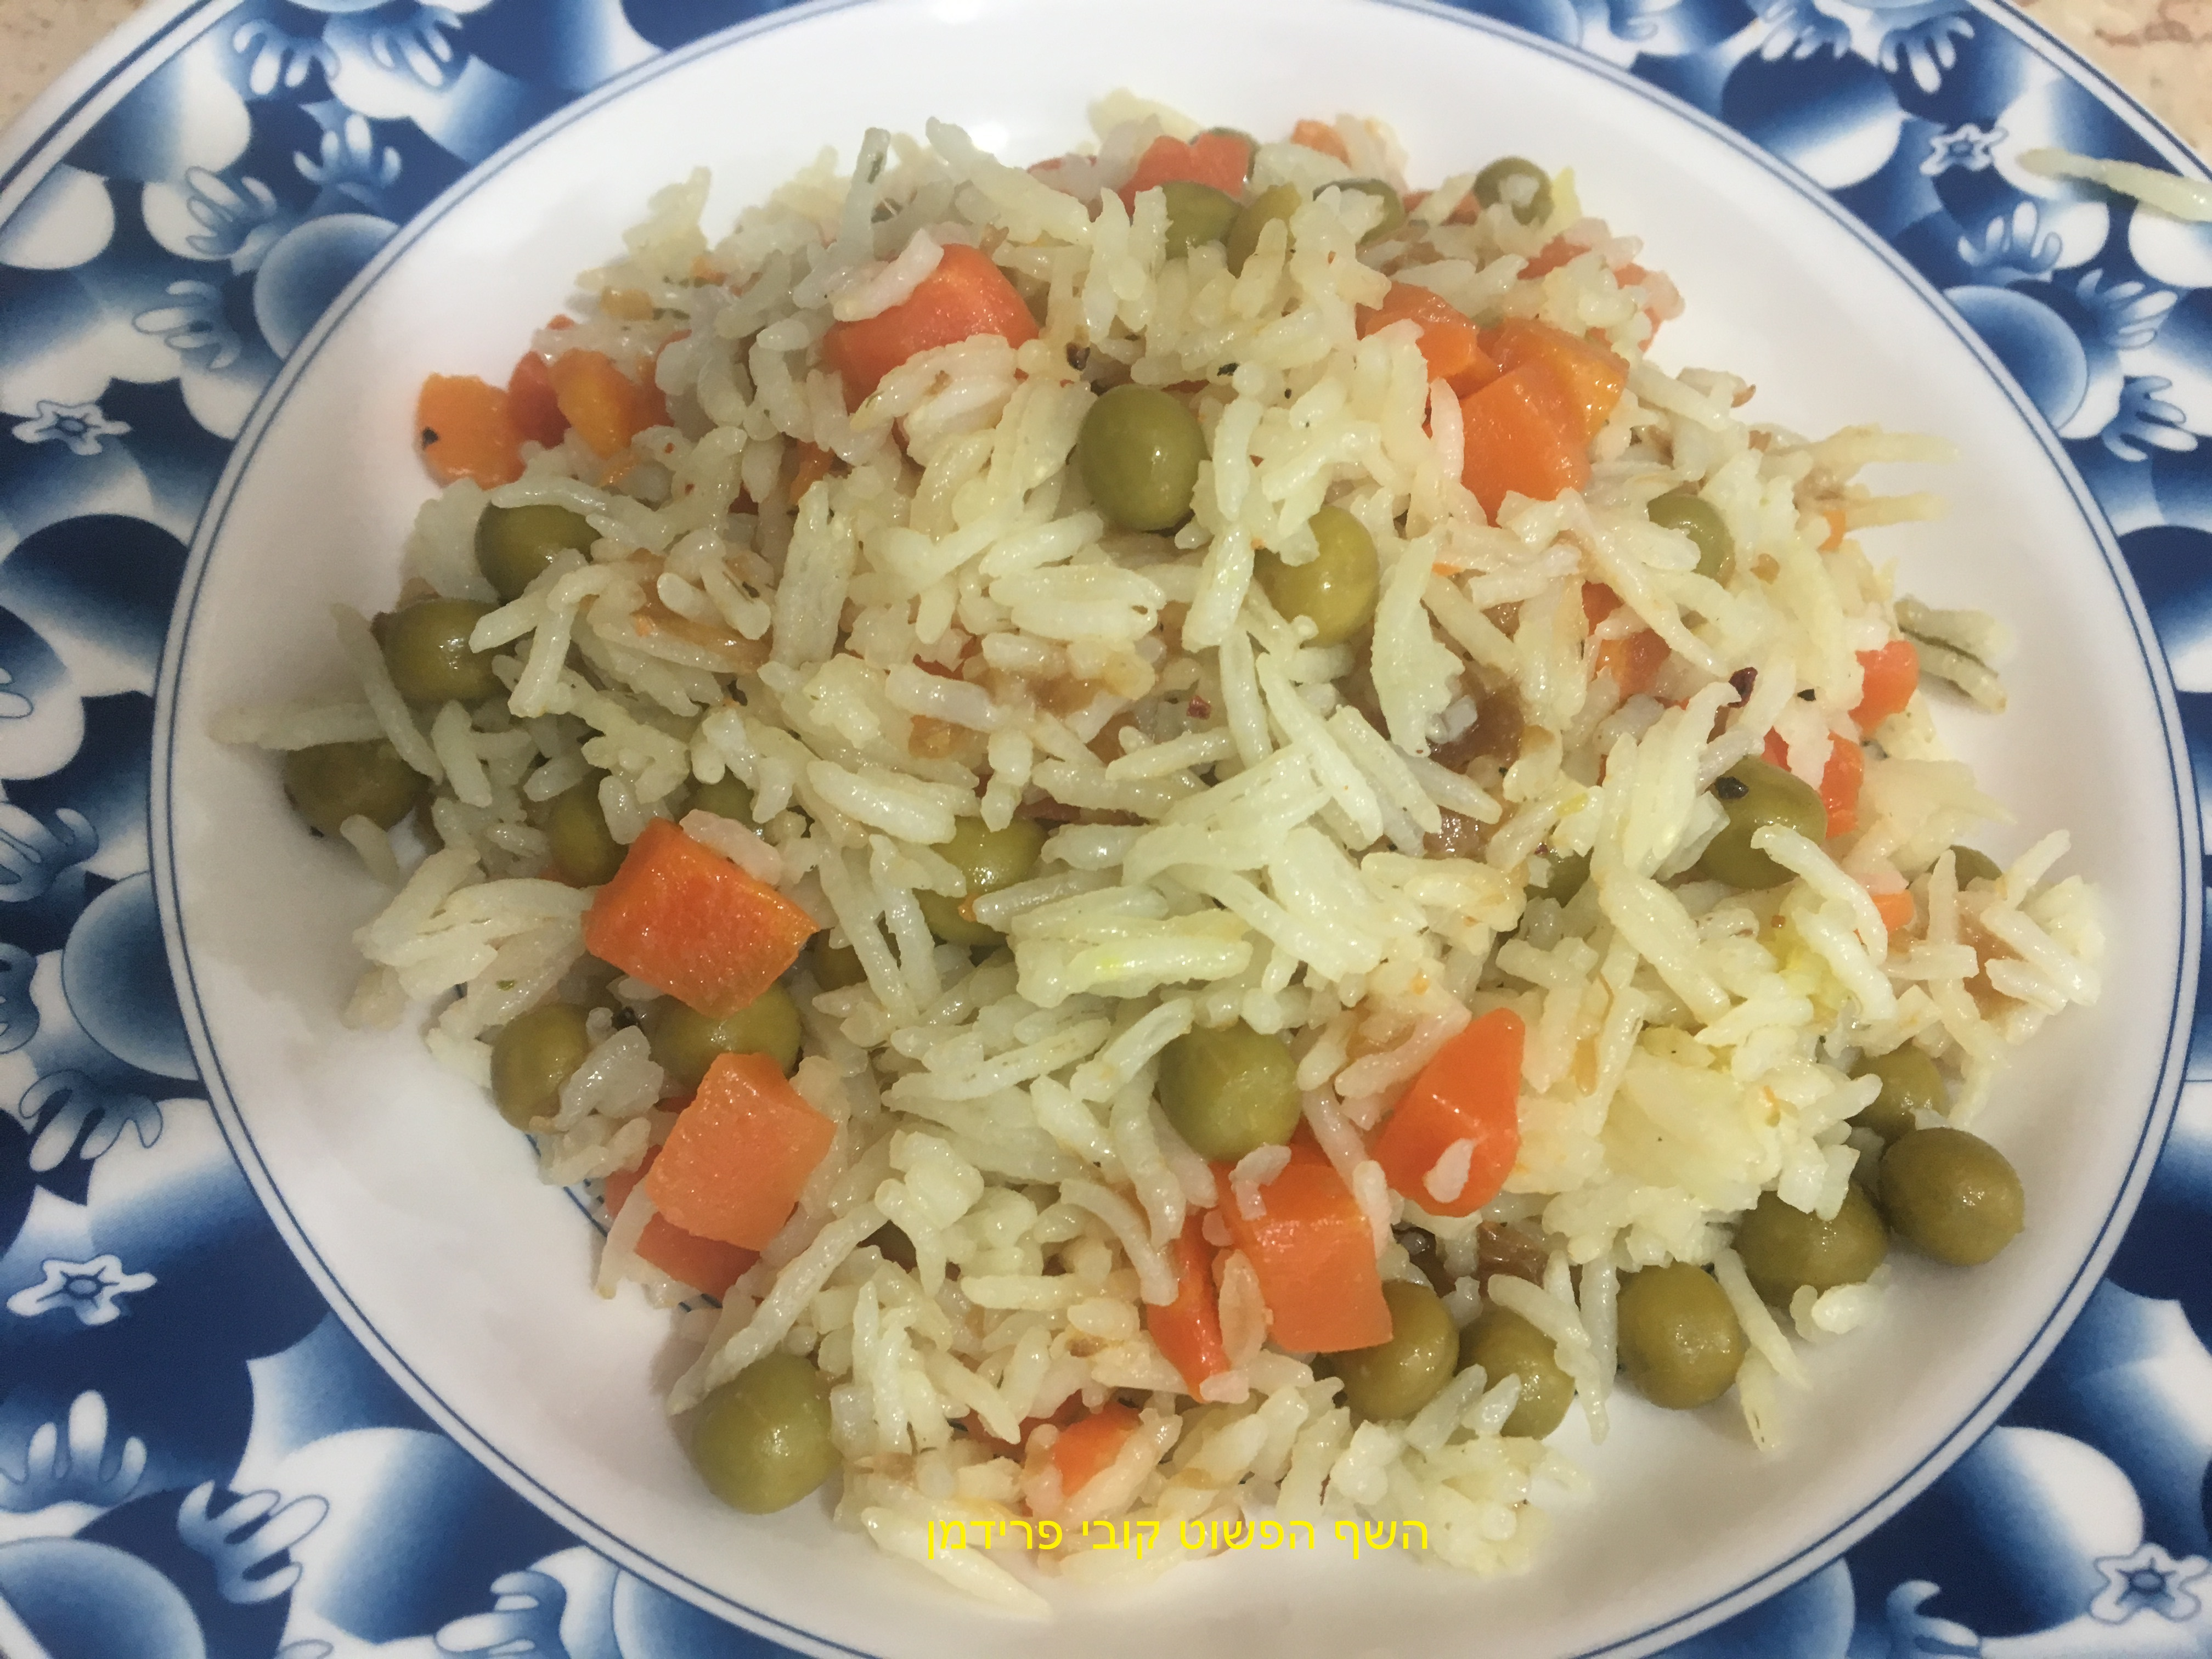 אורז אפונה וגזר עם בצל מקורמל